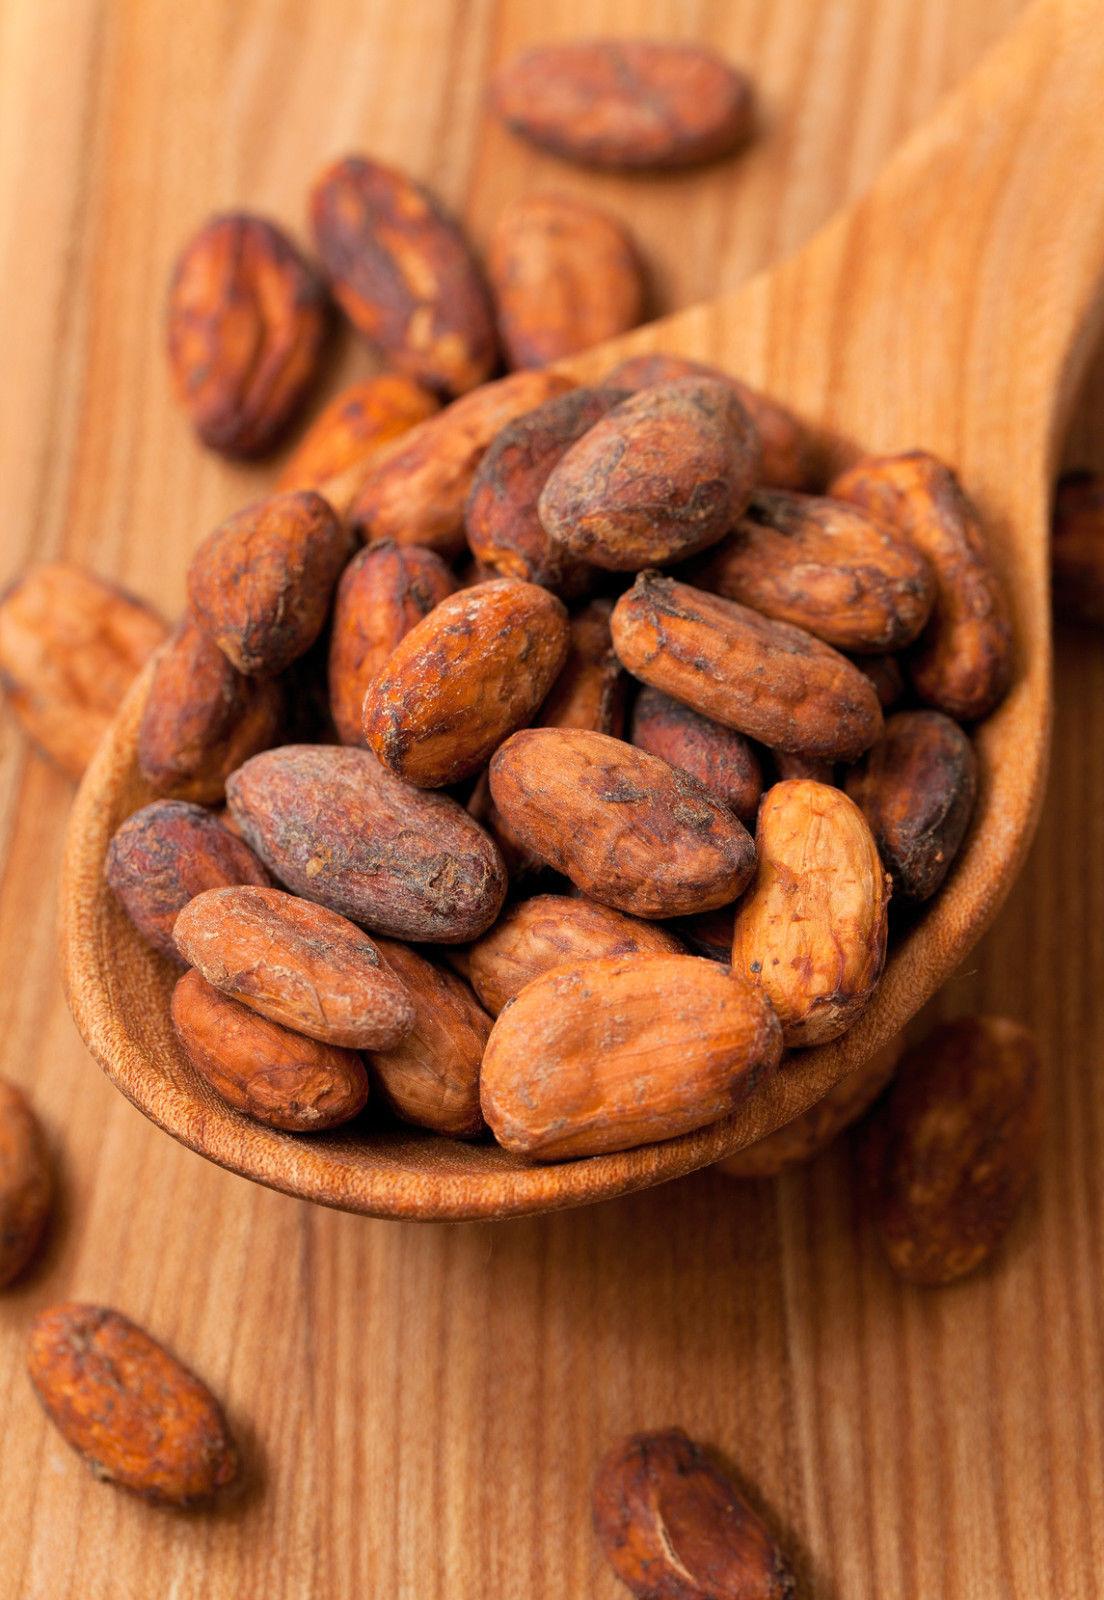 Kakaobohnen roh - unbehandelt ganz Kakao Bohne rein Rohkost